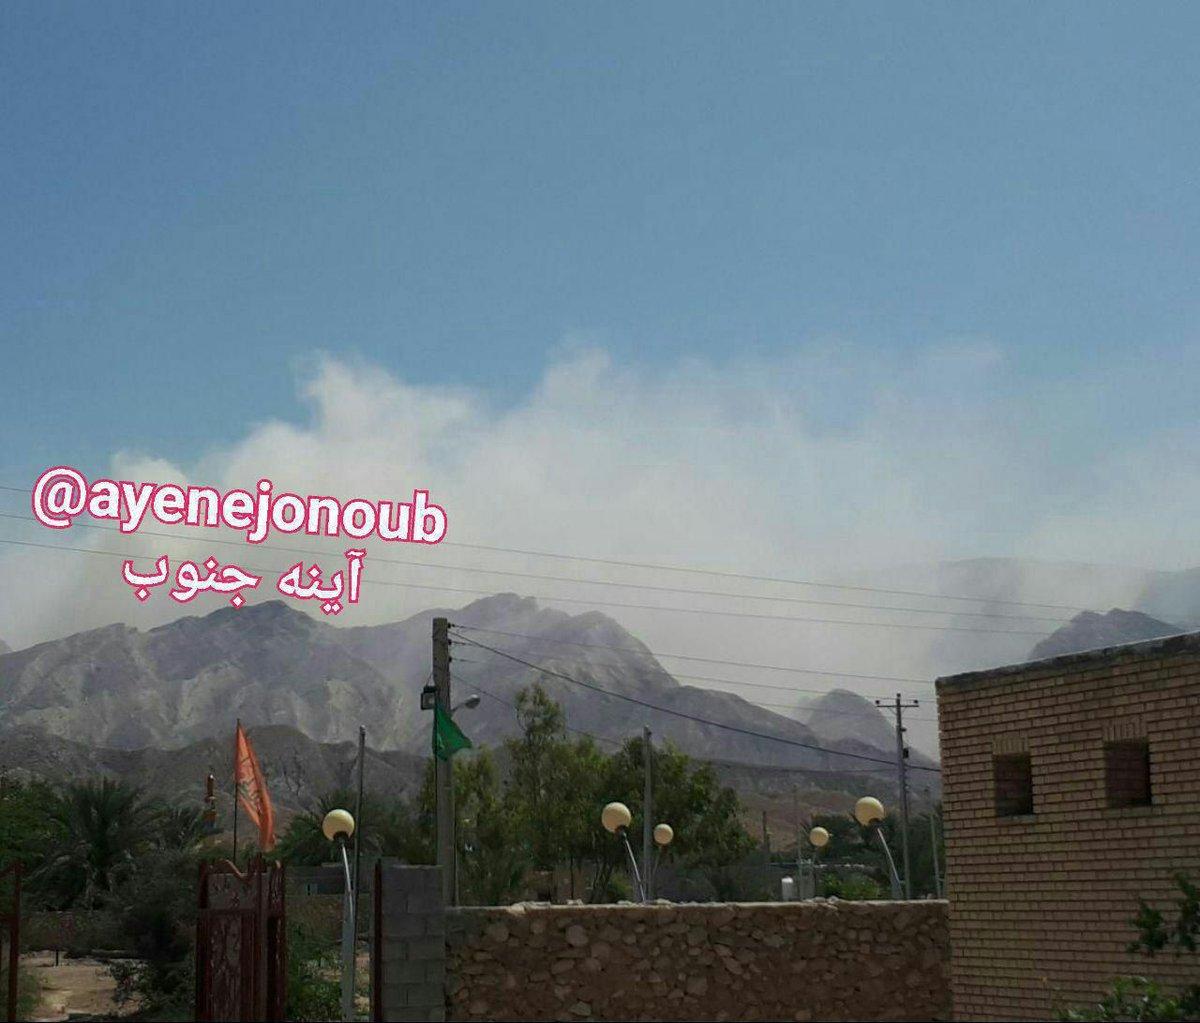 زلزله ۵.۹ ریشتری در منطقه خالی از سکنه بوشهر